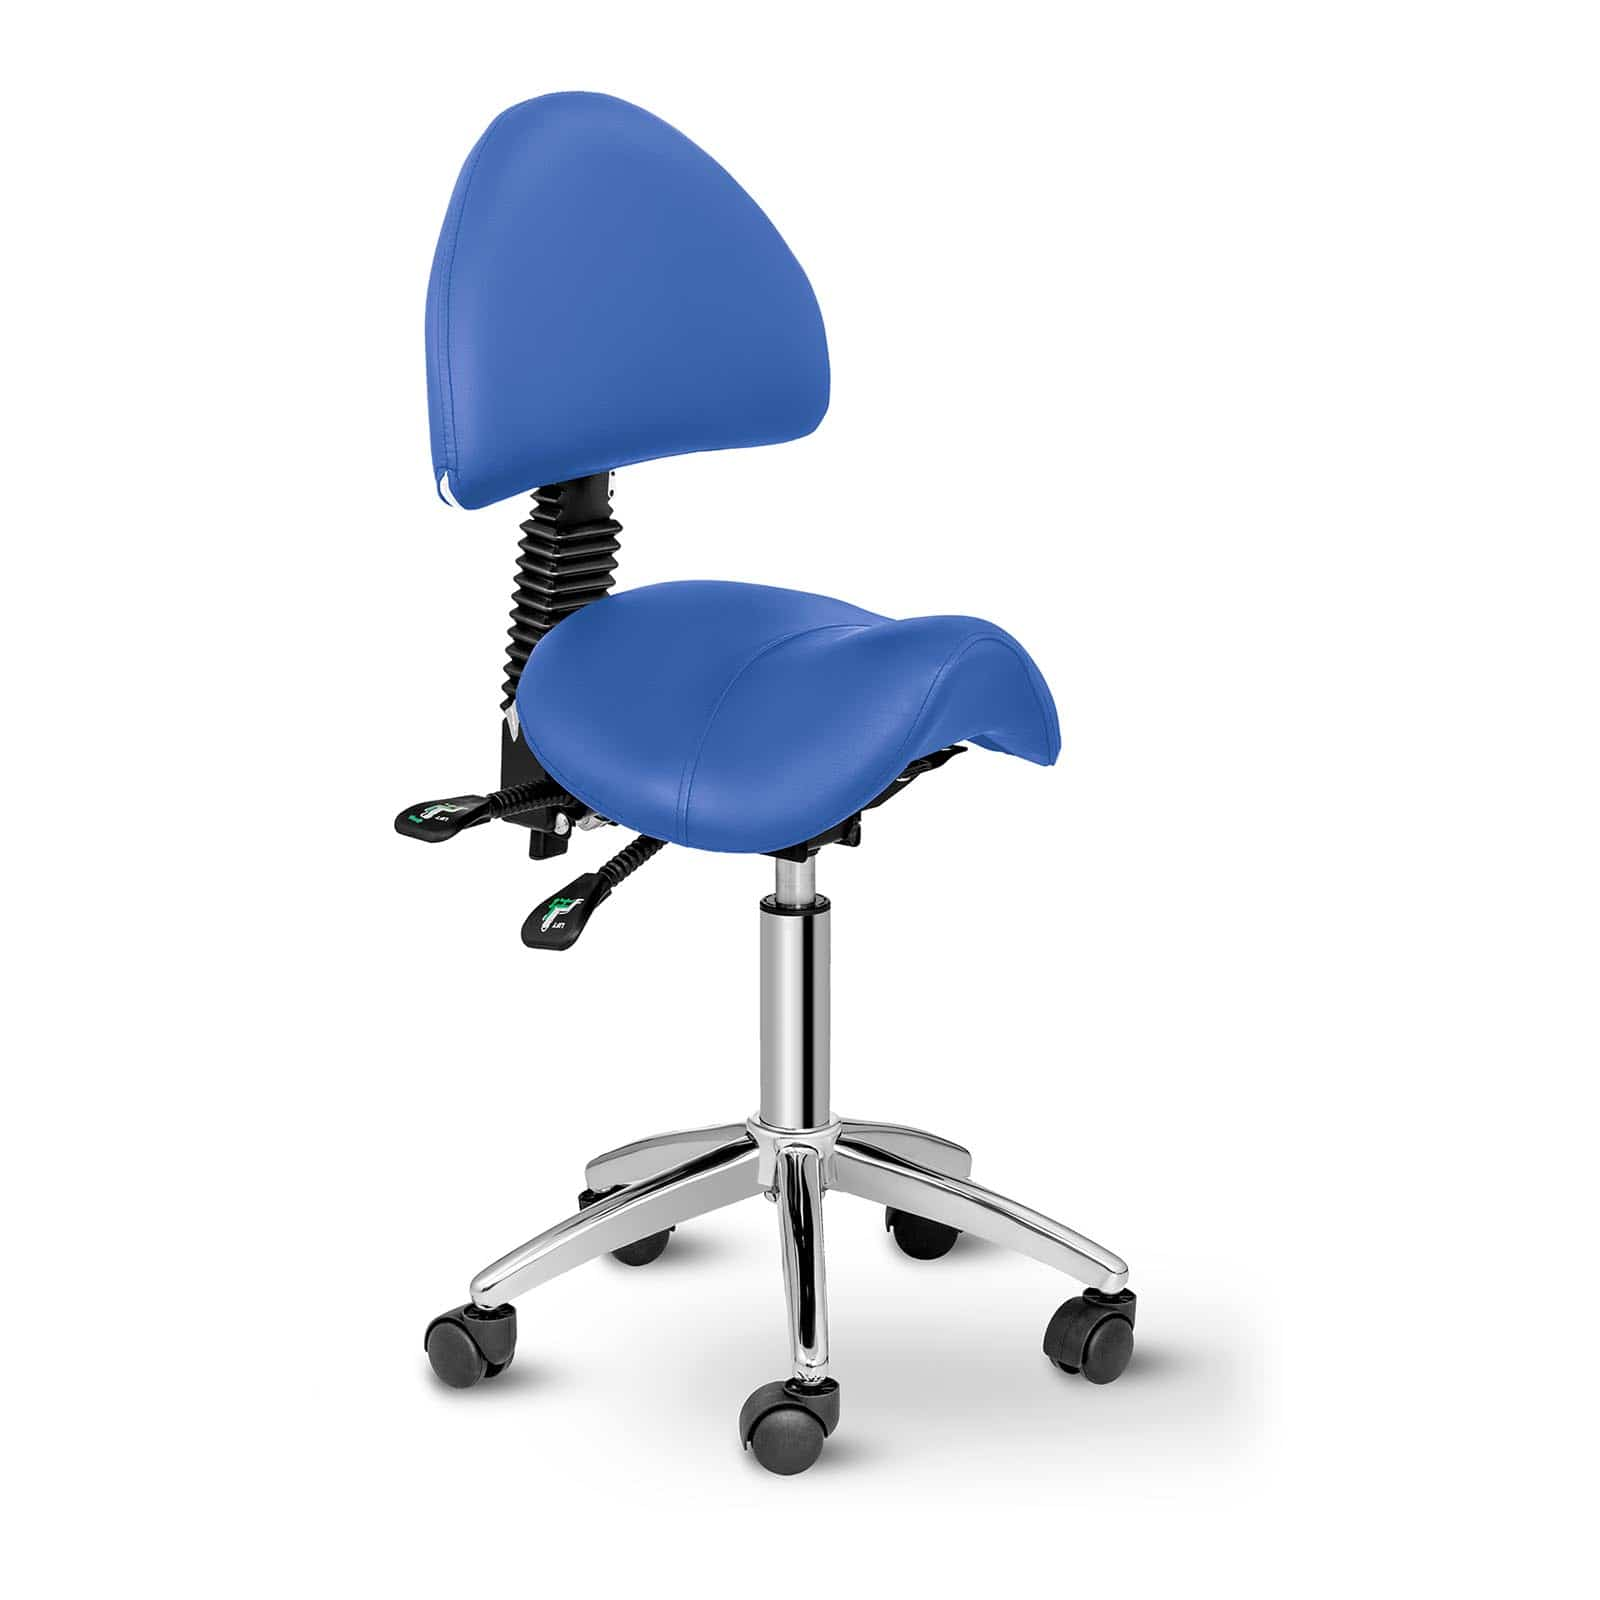 Krzesło siodłowe Berlin z oparciem - niebieskie